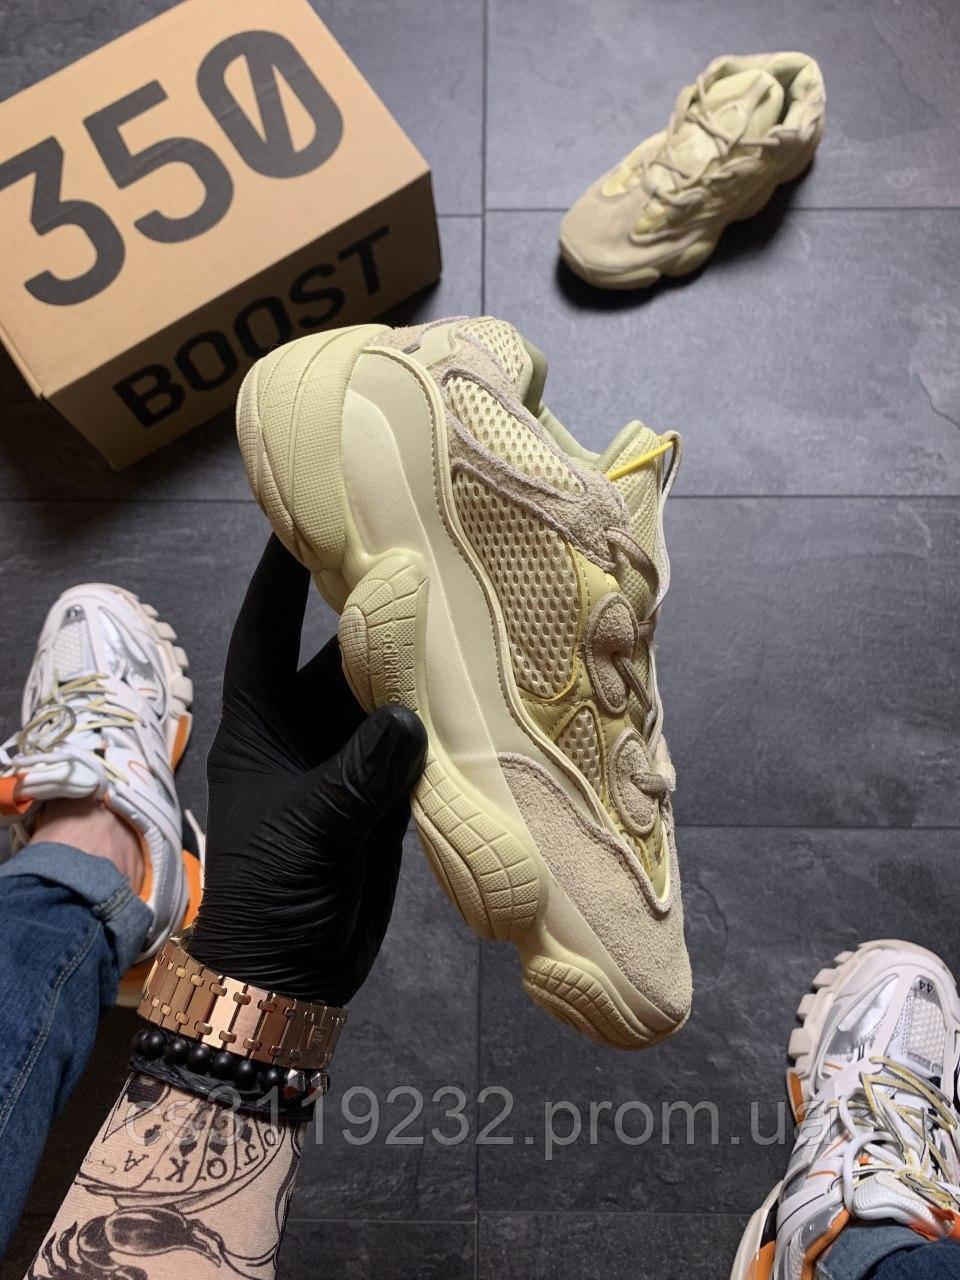 Мужские кроссовки Adidas Yeezy 500 Super Moon  (кремовые)